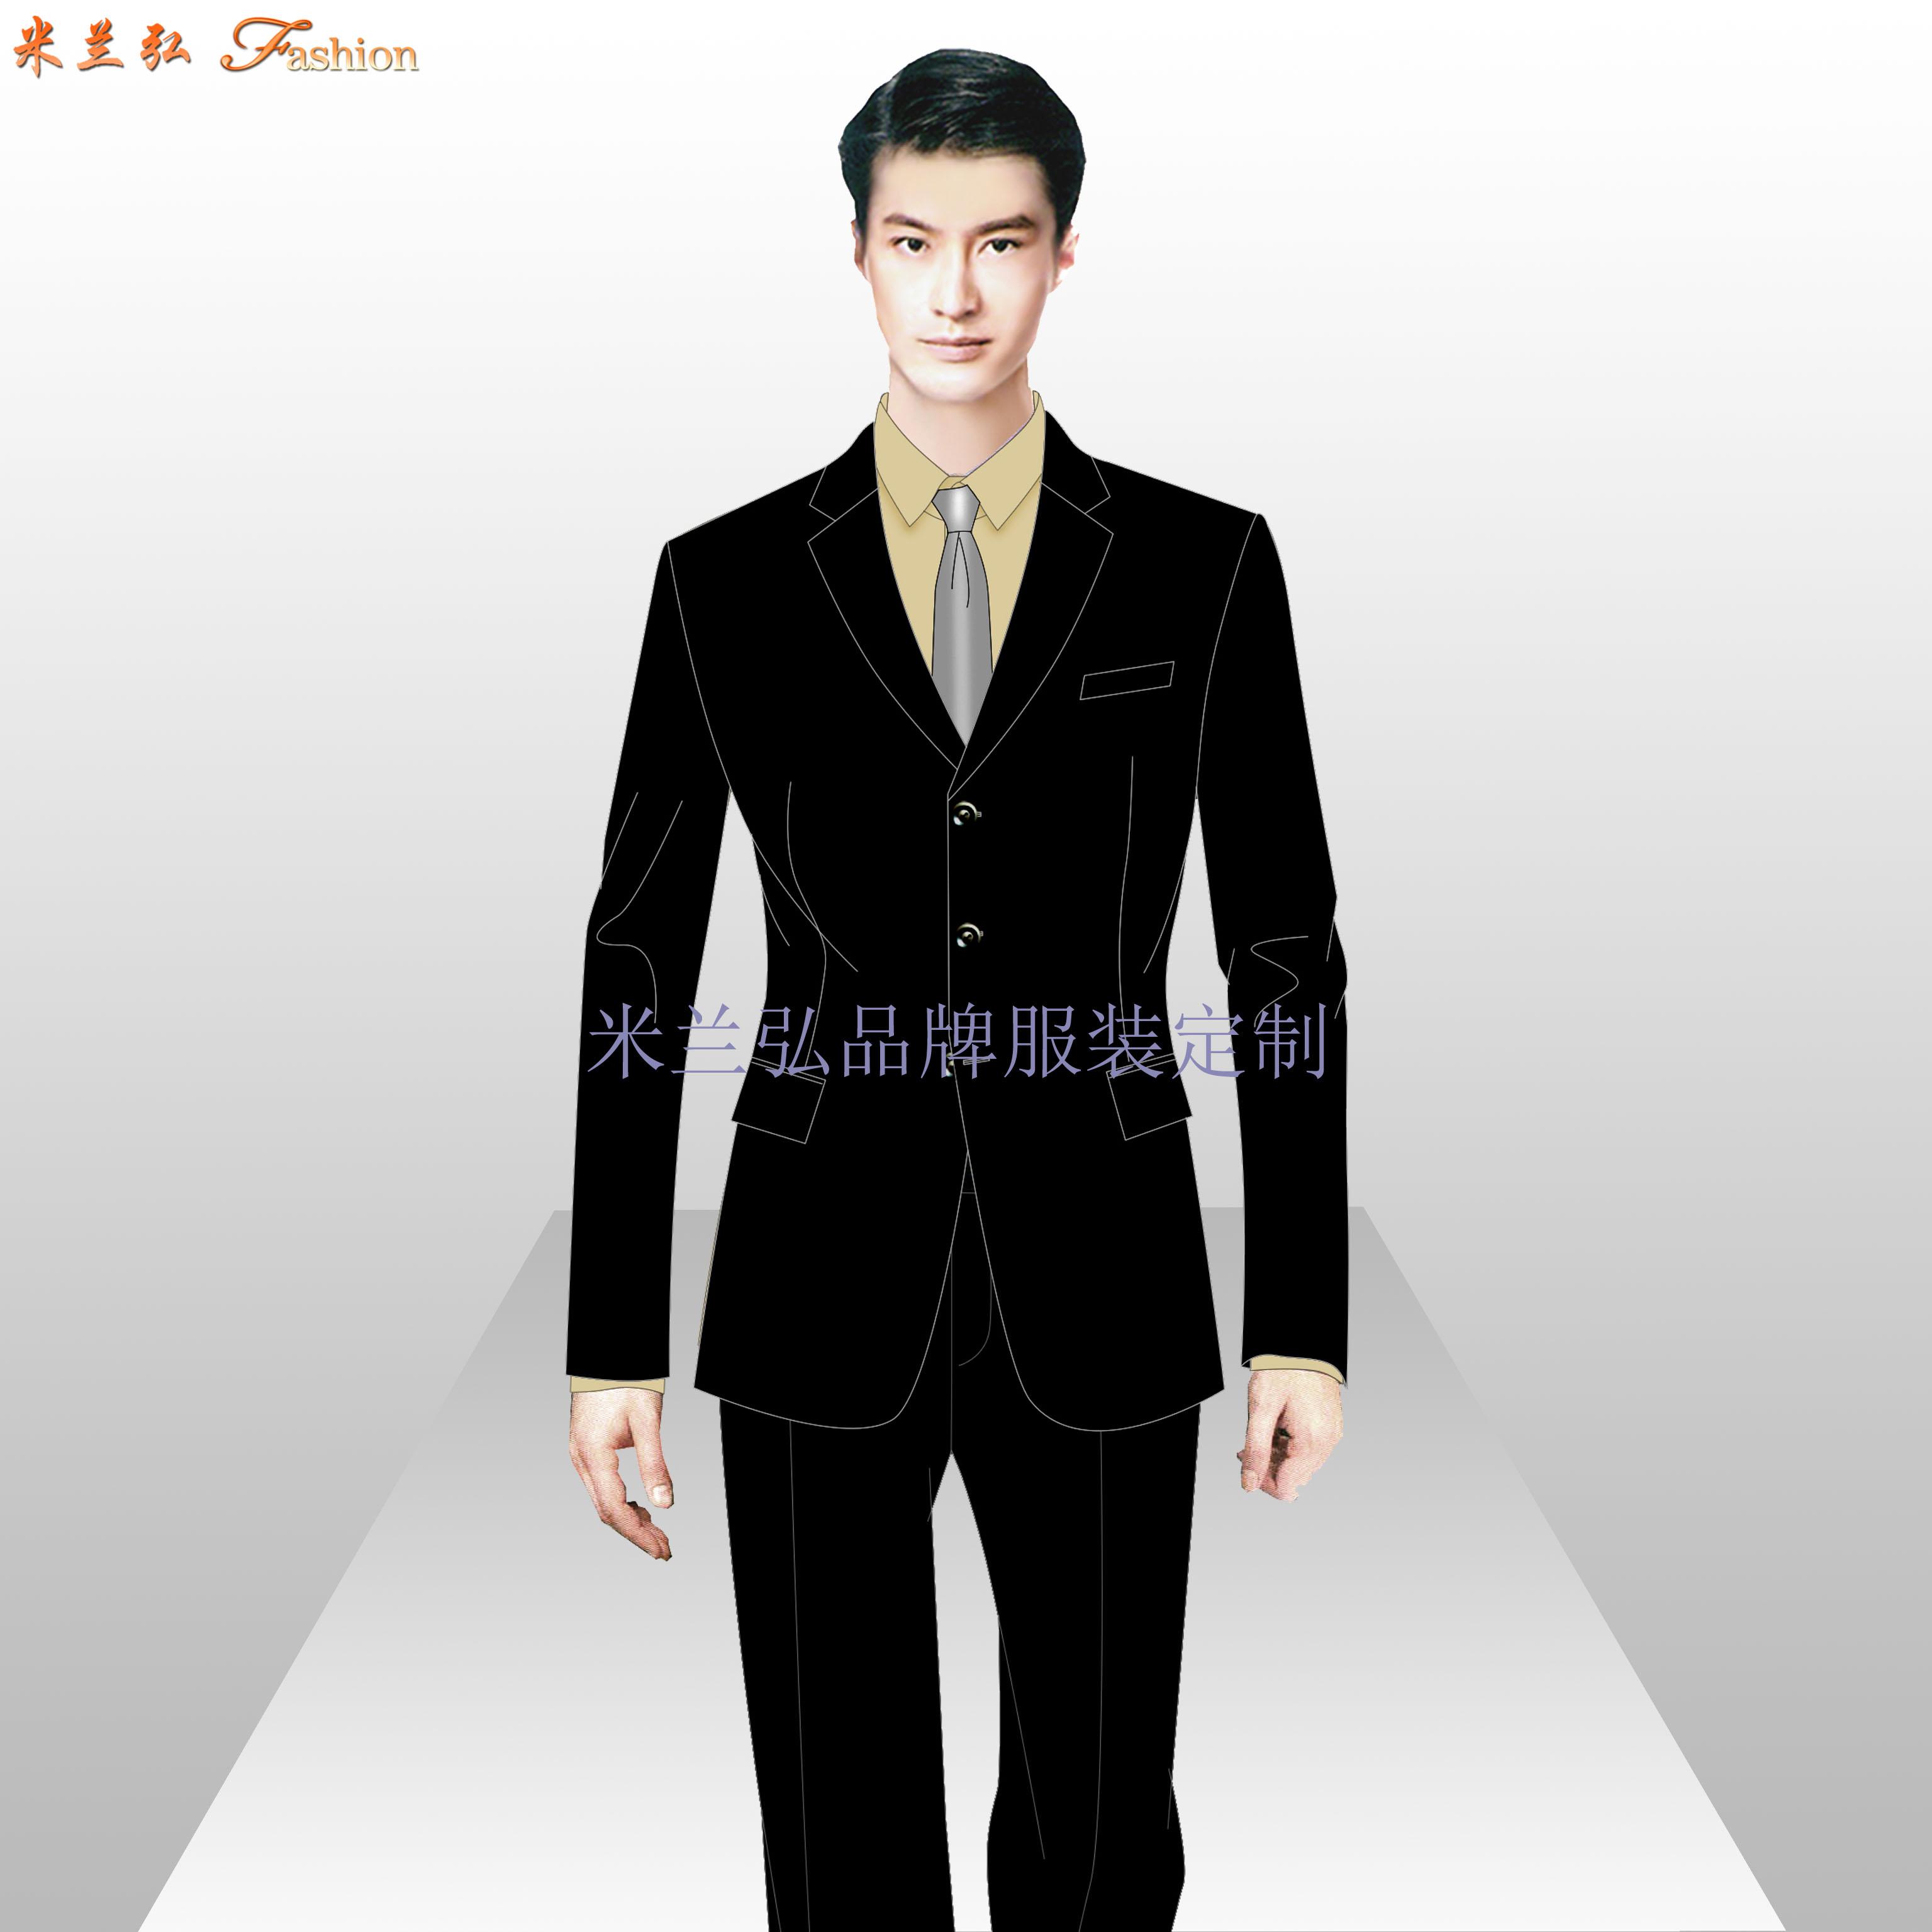 平穀區西服定製_北京平穀職業裝訂做-最新送体验金网站服裝廠家-3